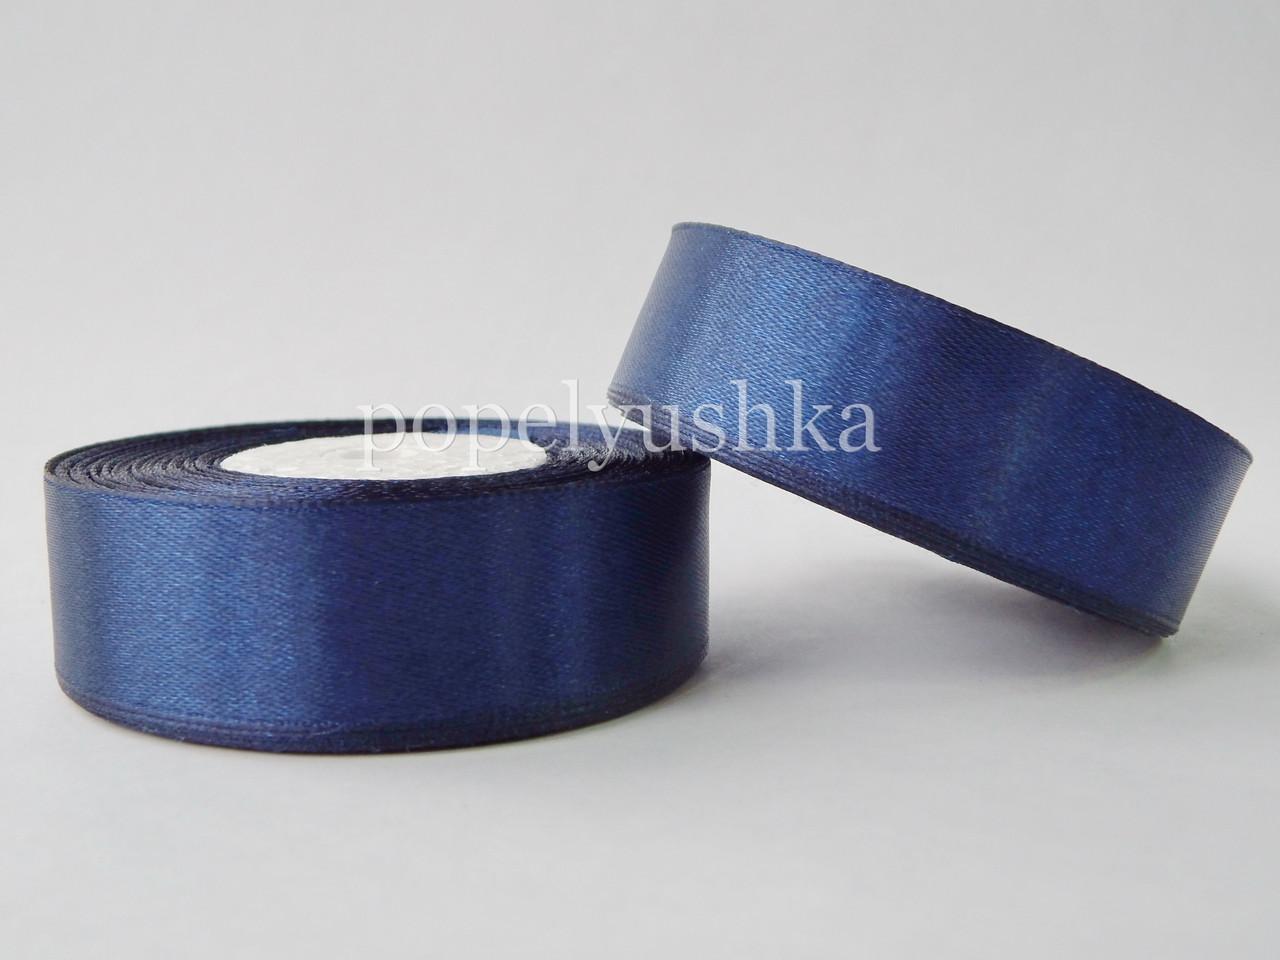 Стрічка атласна 2,5см темно-синя